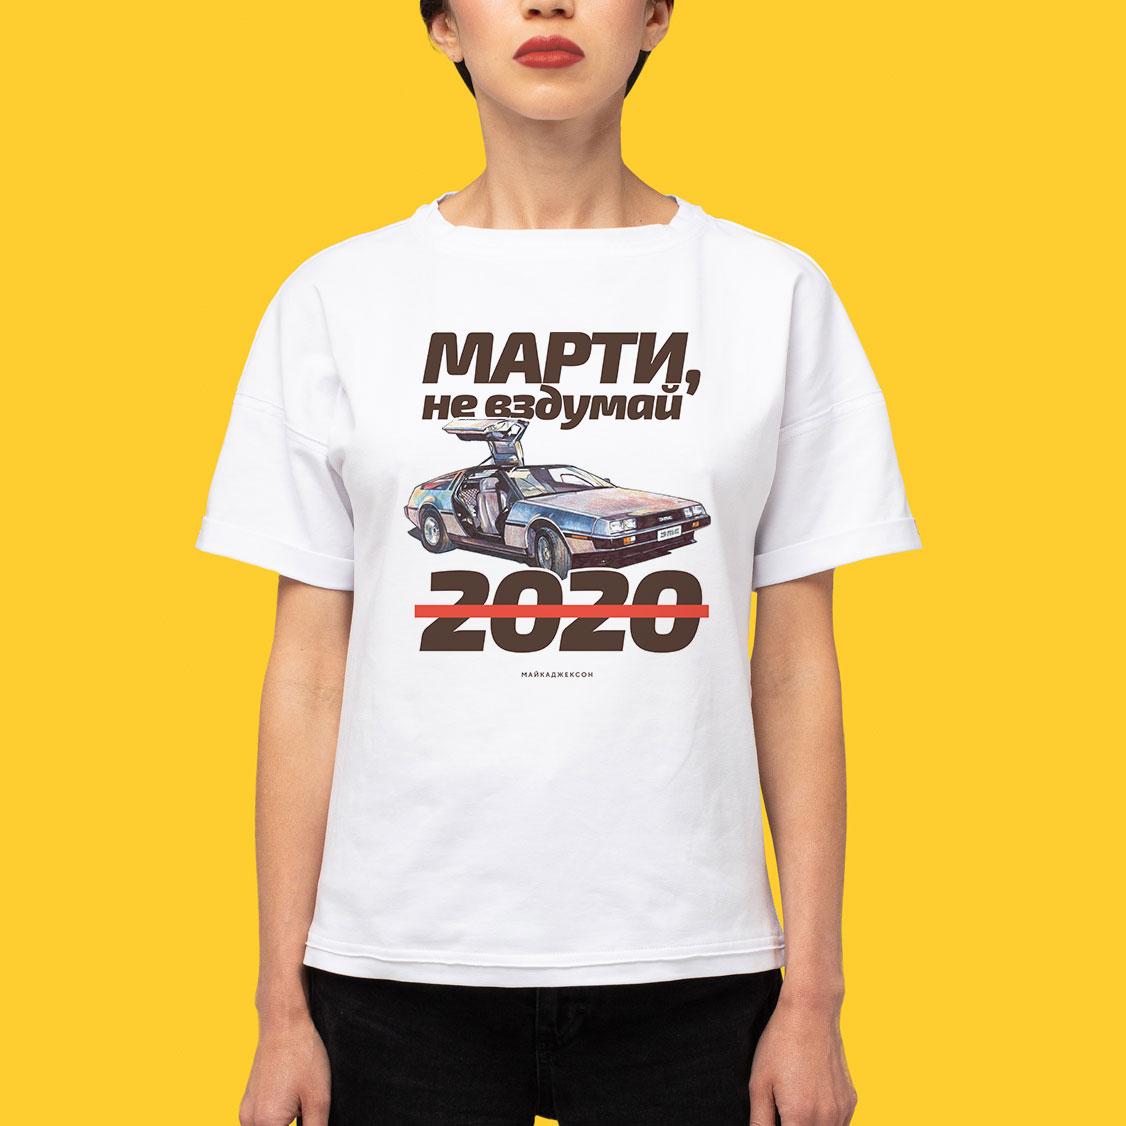 МАЙКАДЖЕКСОН - Марти, не вздумай